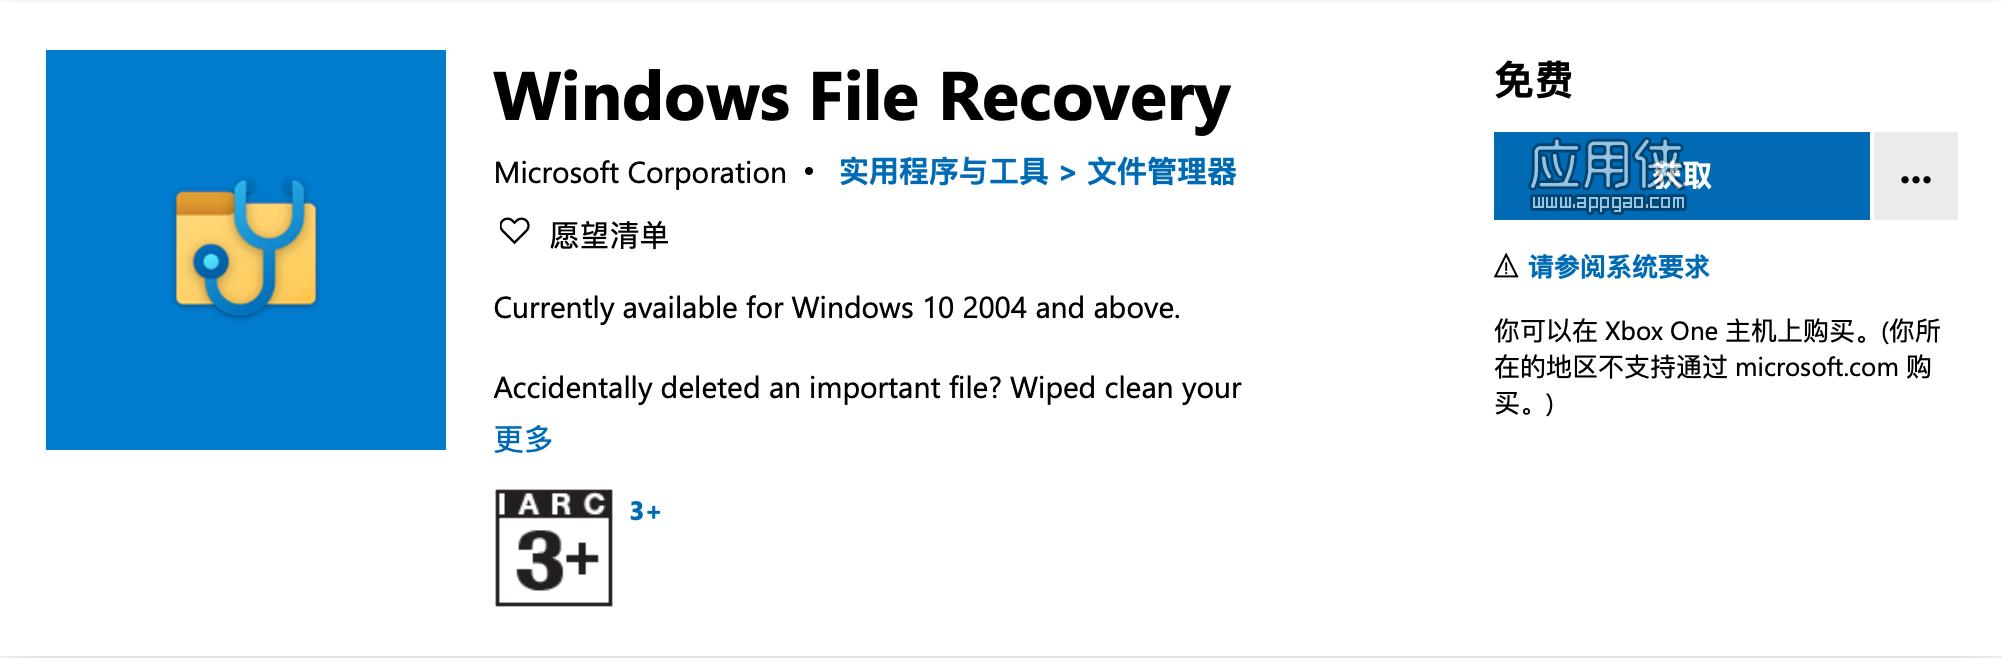 微软发布文件恢复工具Windows File Recovery